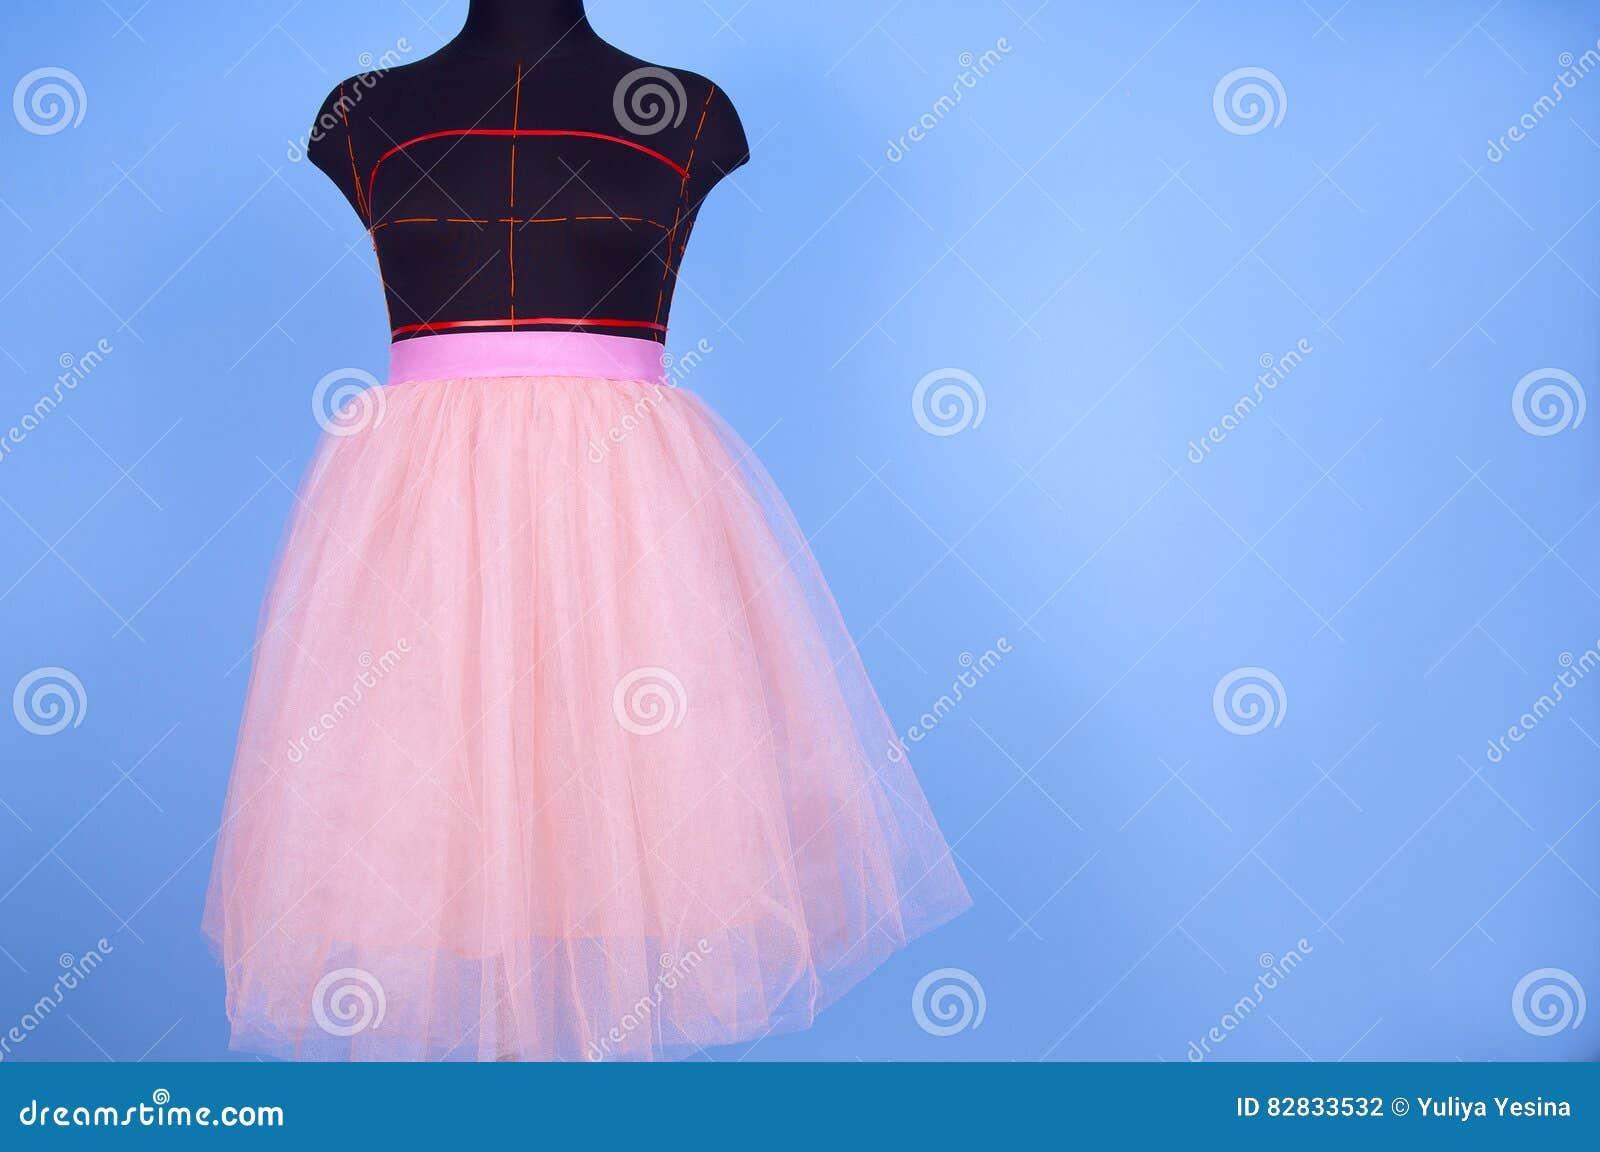 Mannequin w różowej princess spódnicie na błękitnym tle